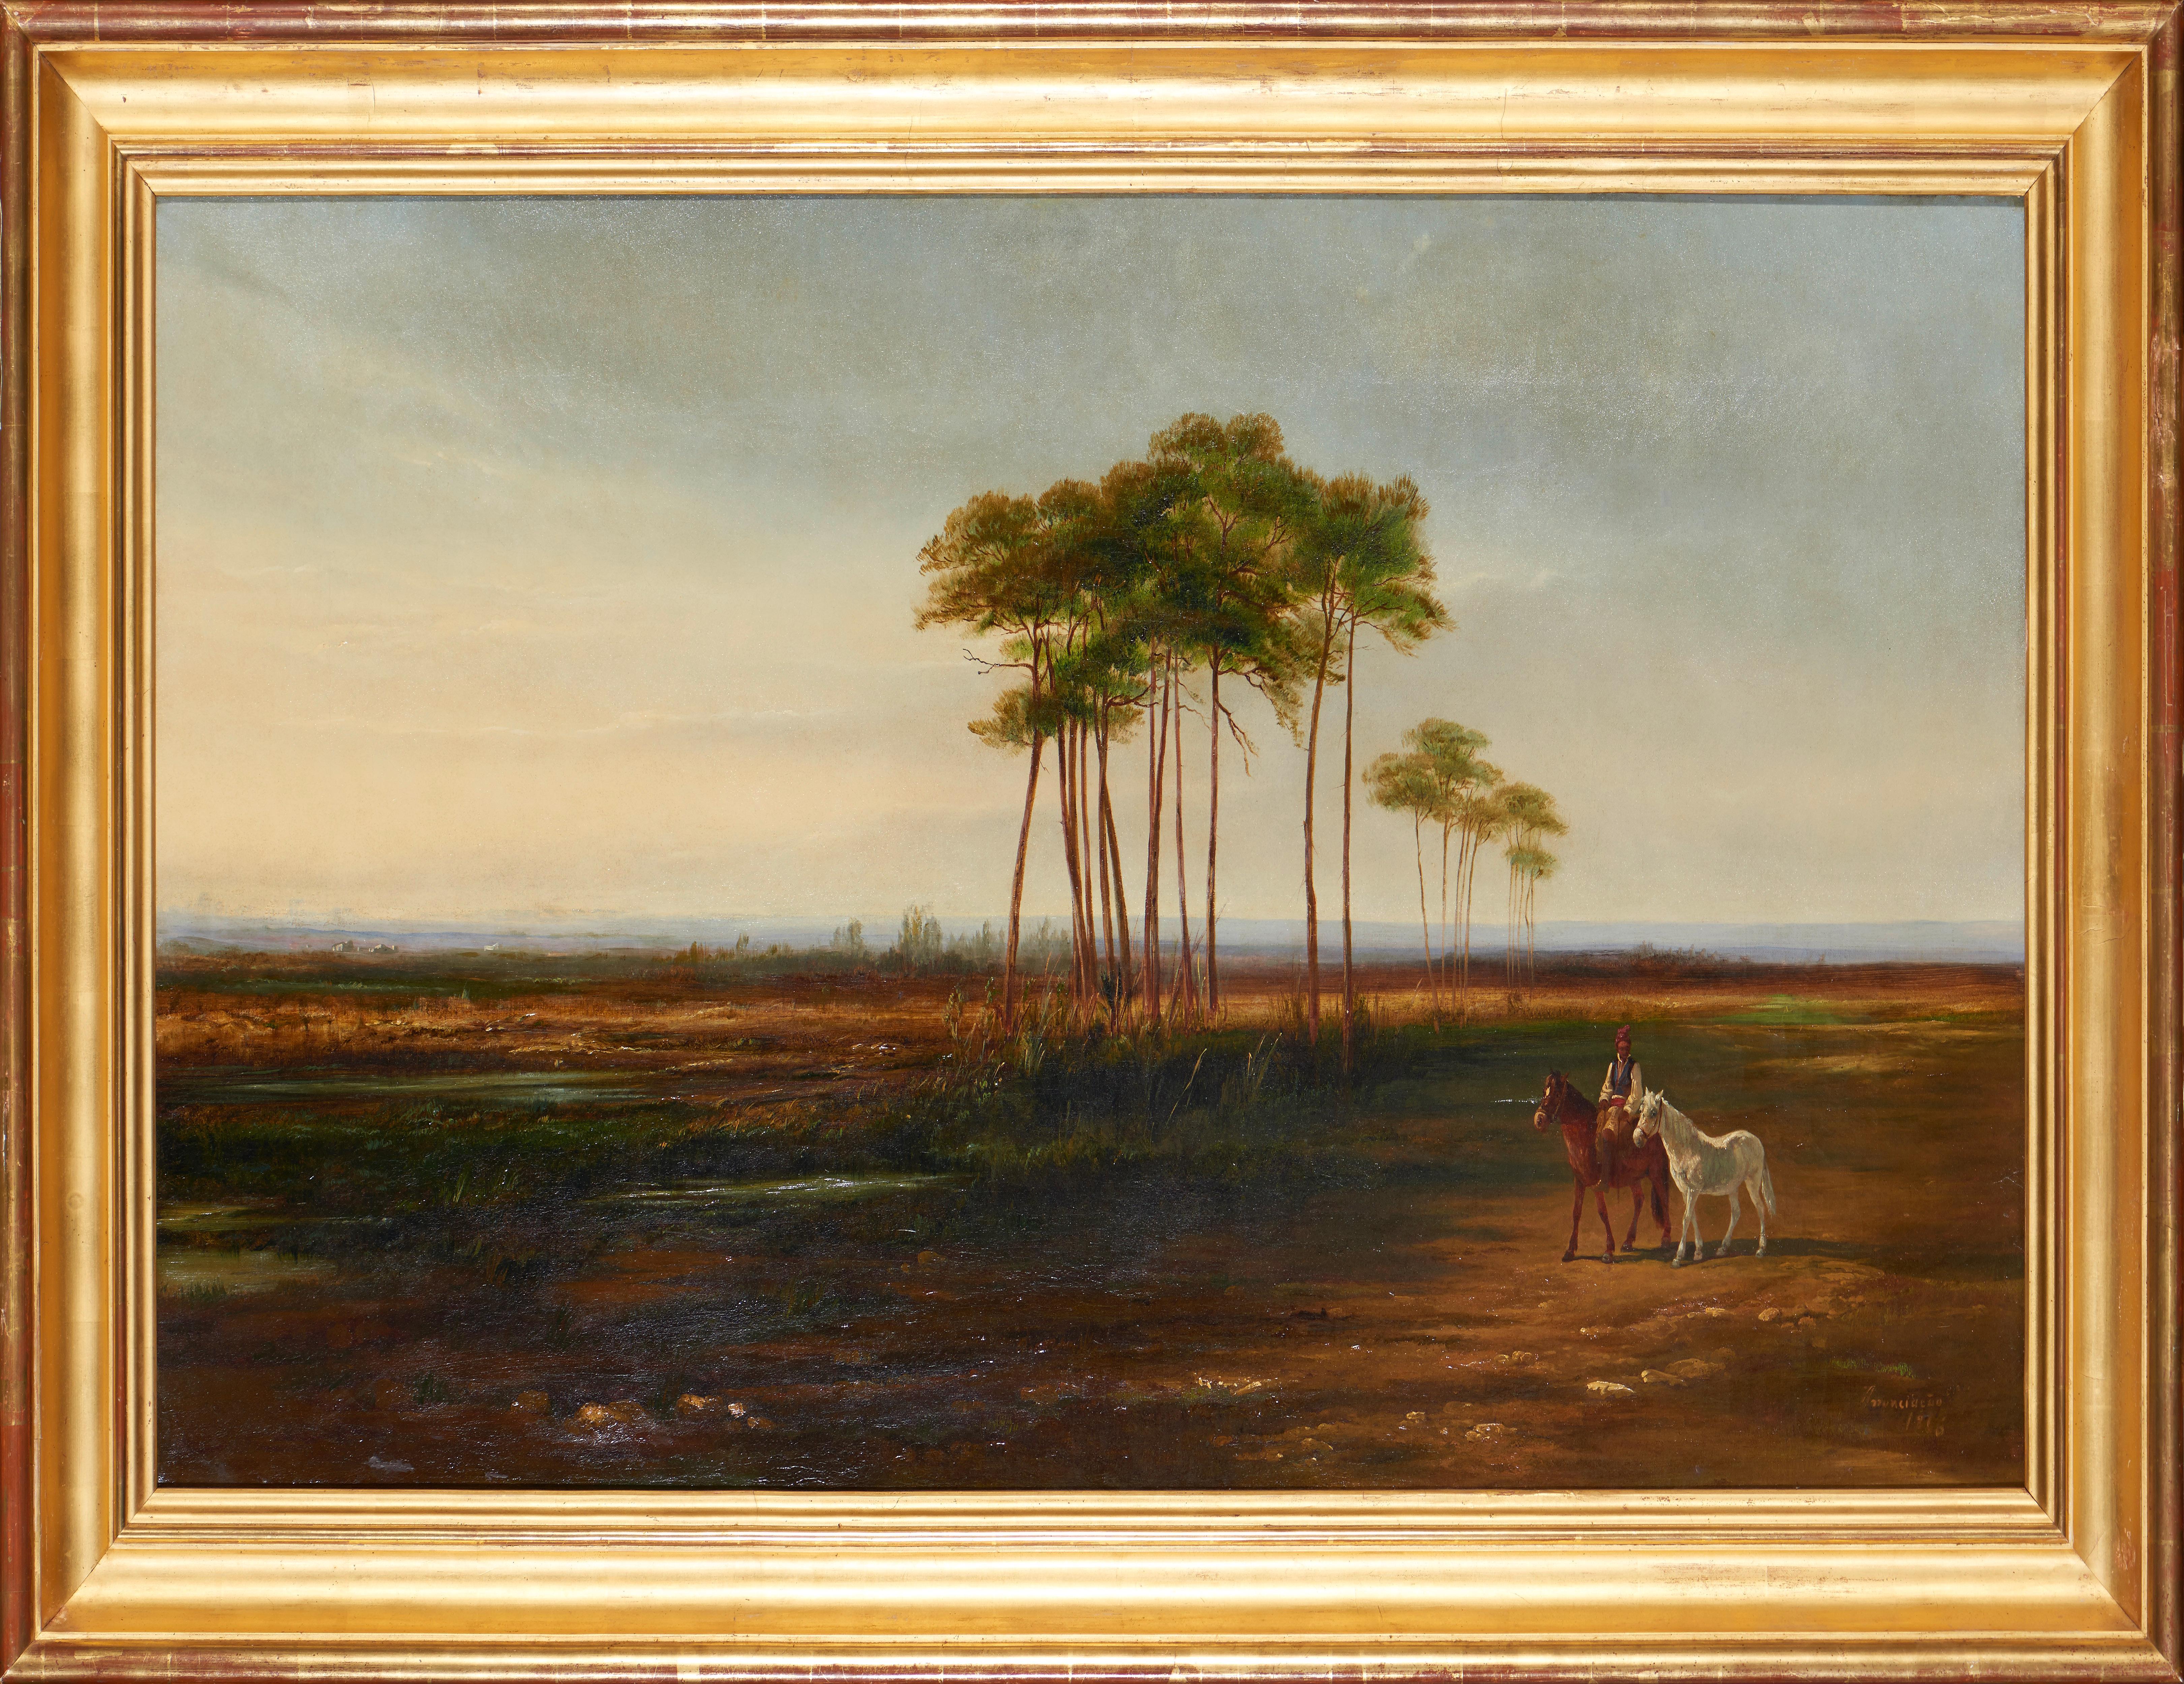 ANUNCIAÇÃO, Óleo sobre tela, 64 x 117,5 cm.